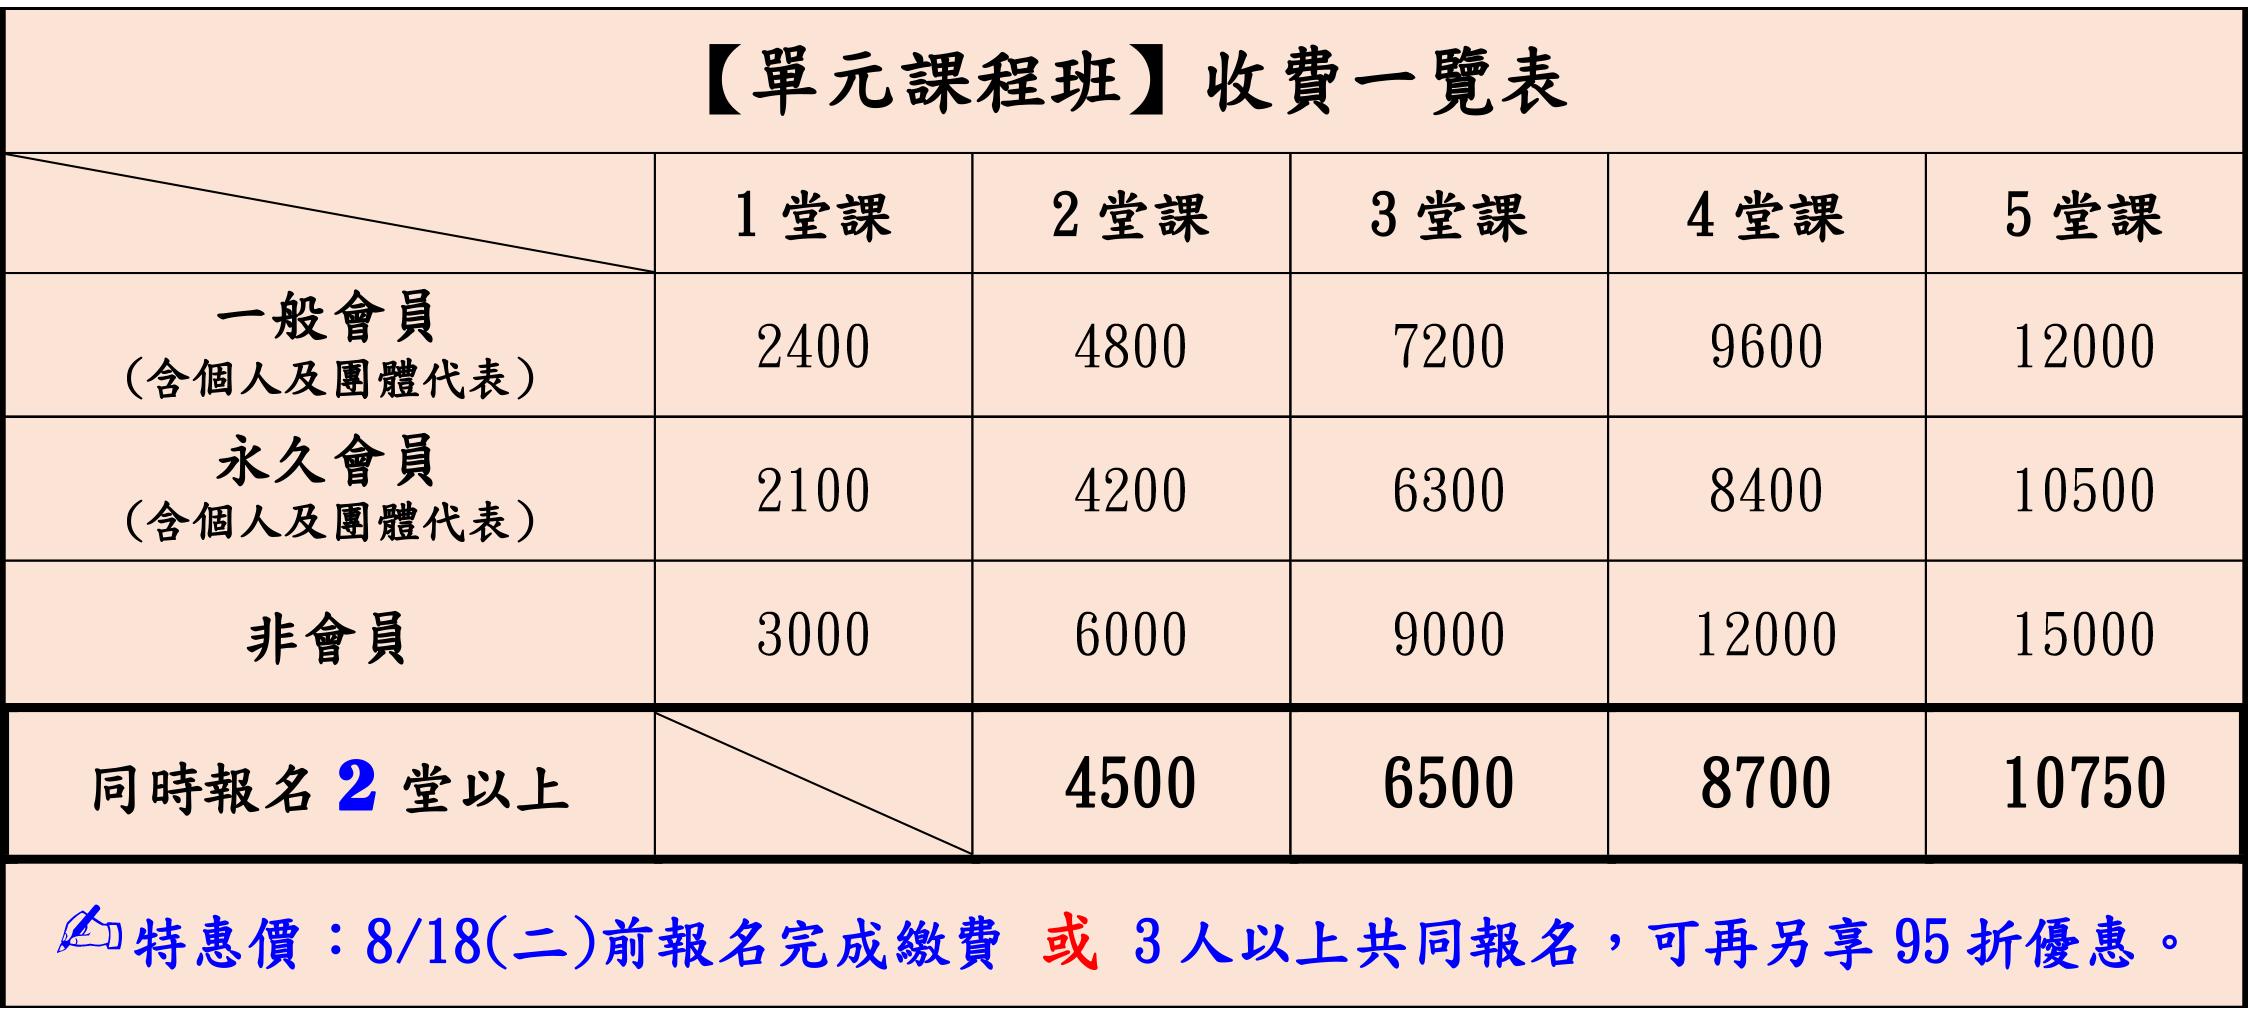 單元課程班-收費表(1)